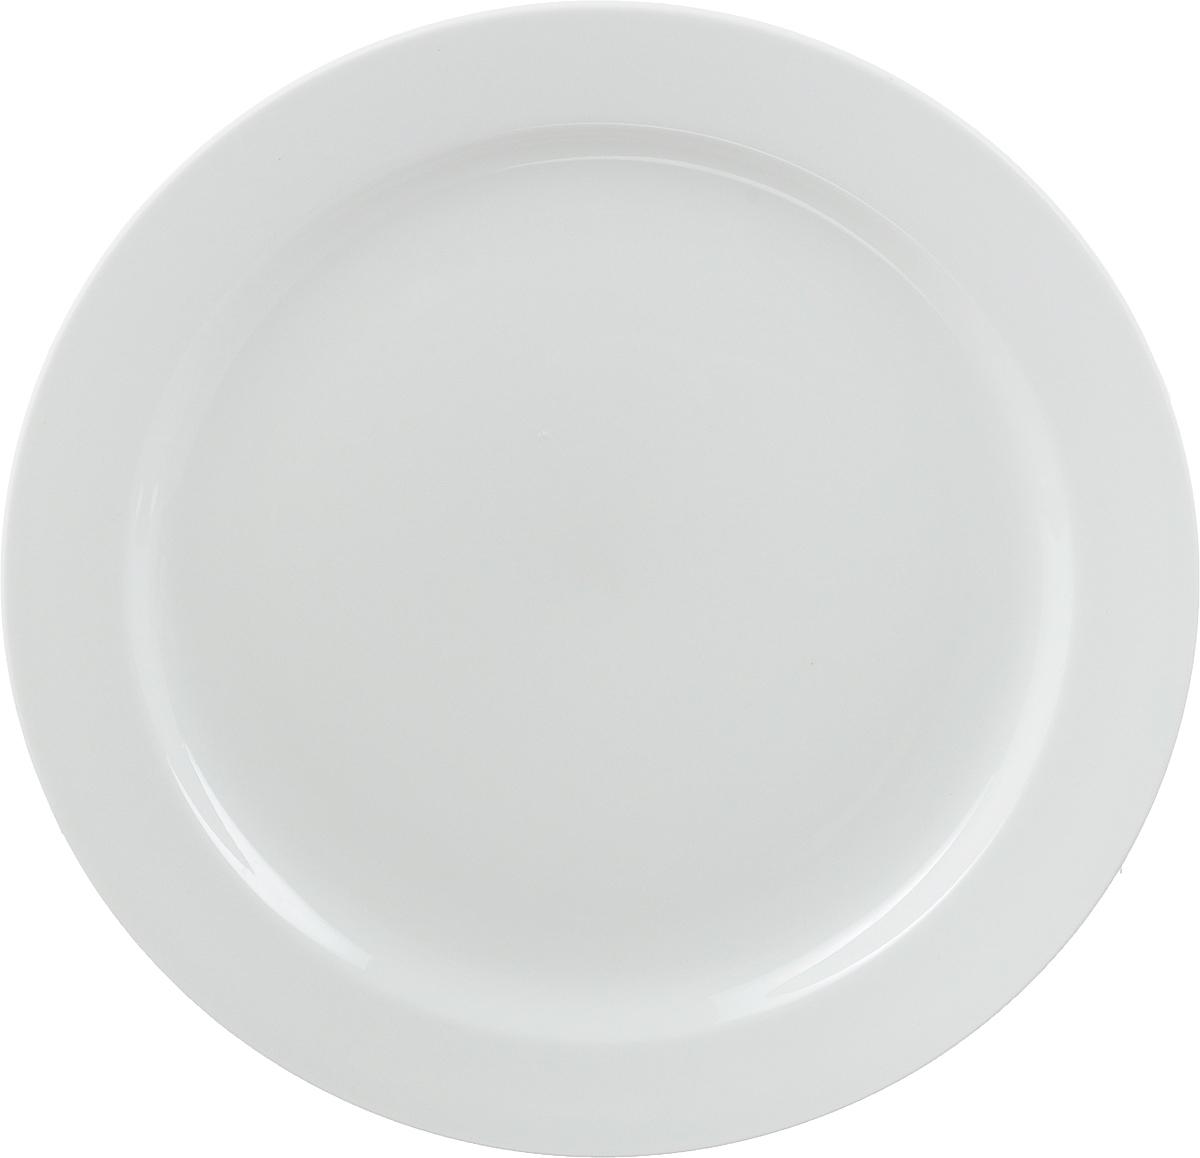 Тарелка мелкая Ariane Прайм, диаметр 27 смAPRARN17027Мелкая тарелка Ariane Прайм, изготовленная из высококачественного фарфора, имеет классическую круглую форму с узким бортом. Такая тарелка отлично подойдет в качестве блюда для сервировки закусок, нарезок, горячих блюд. Изделие прекрасно впишется в интерьер вашей кухни и станет достойным дополнением к кухонному инвентарю. Тарелка Ariane Прайм подчеркнет прекрасный вкус хозяйки и станет отличным подарком.Можно мыть в посудомоечной машине и использовать в микроволновой печи. Высота тарелки: 2 см.Диаметр тарелки: 27 см.